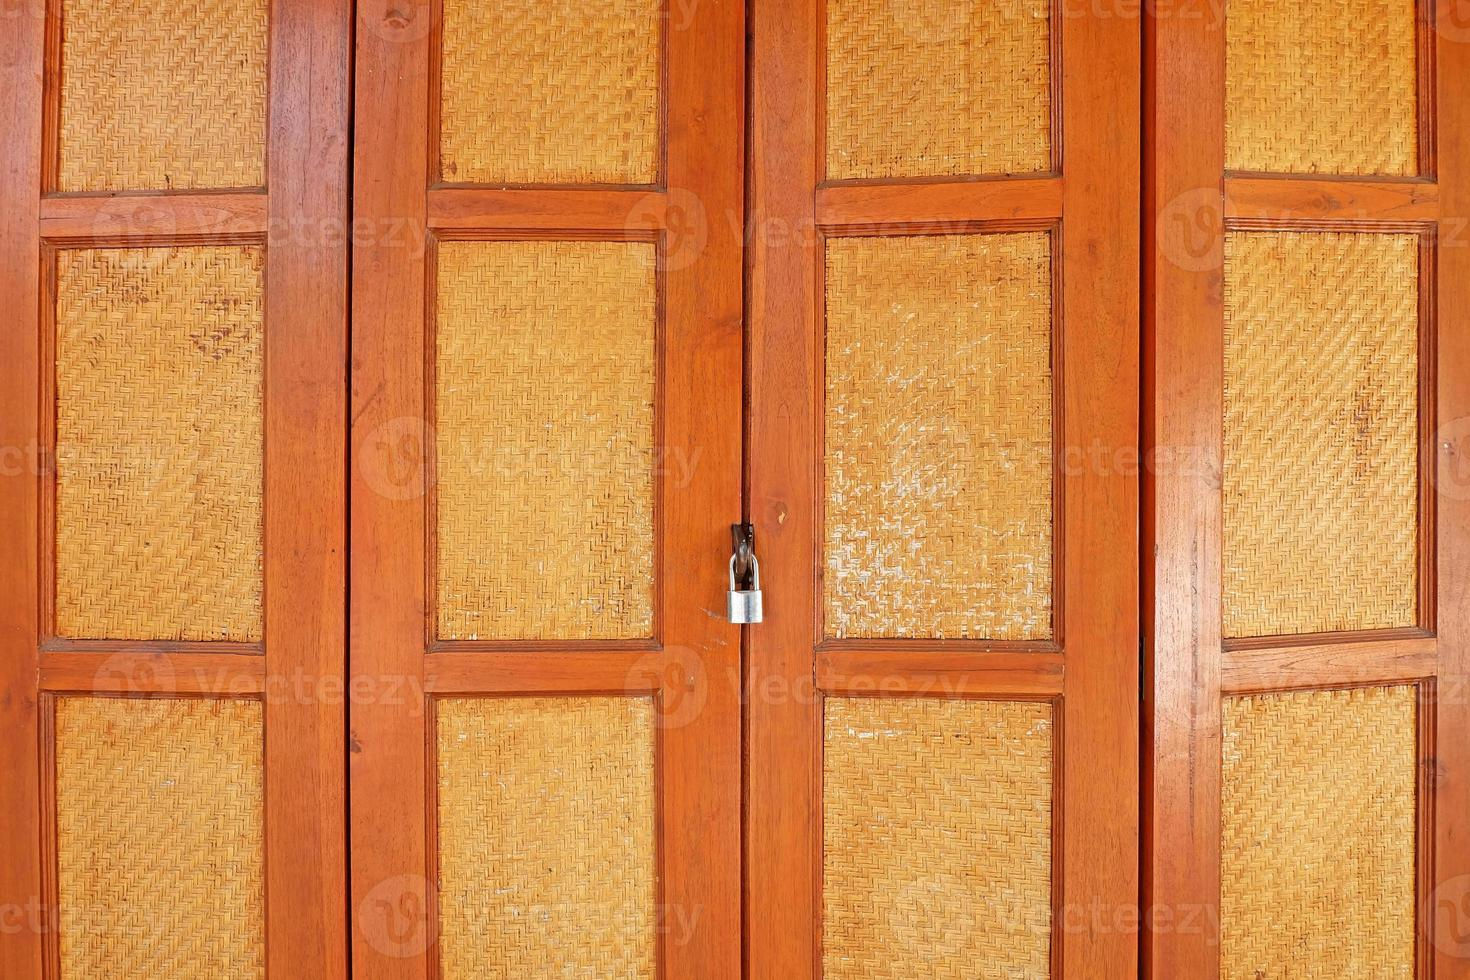 porta in legno in stile asiatico con serratura foto